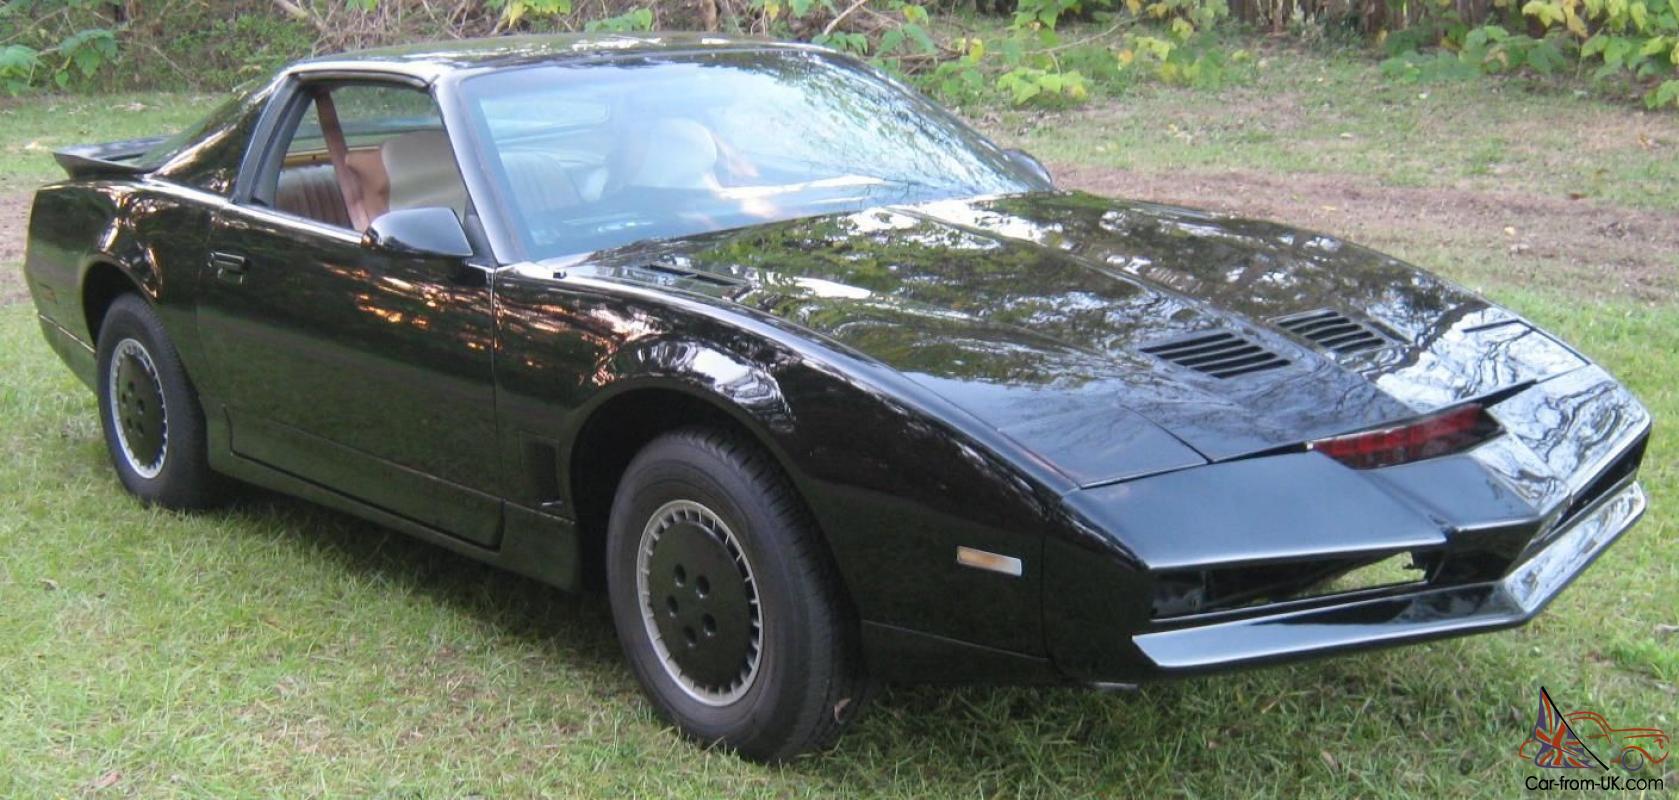 1986 Pontiac Firebird Trans Am KITT KARR Knight Rider